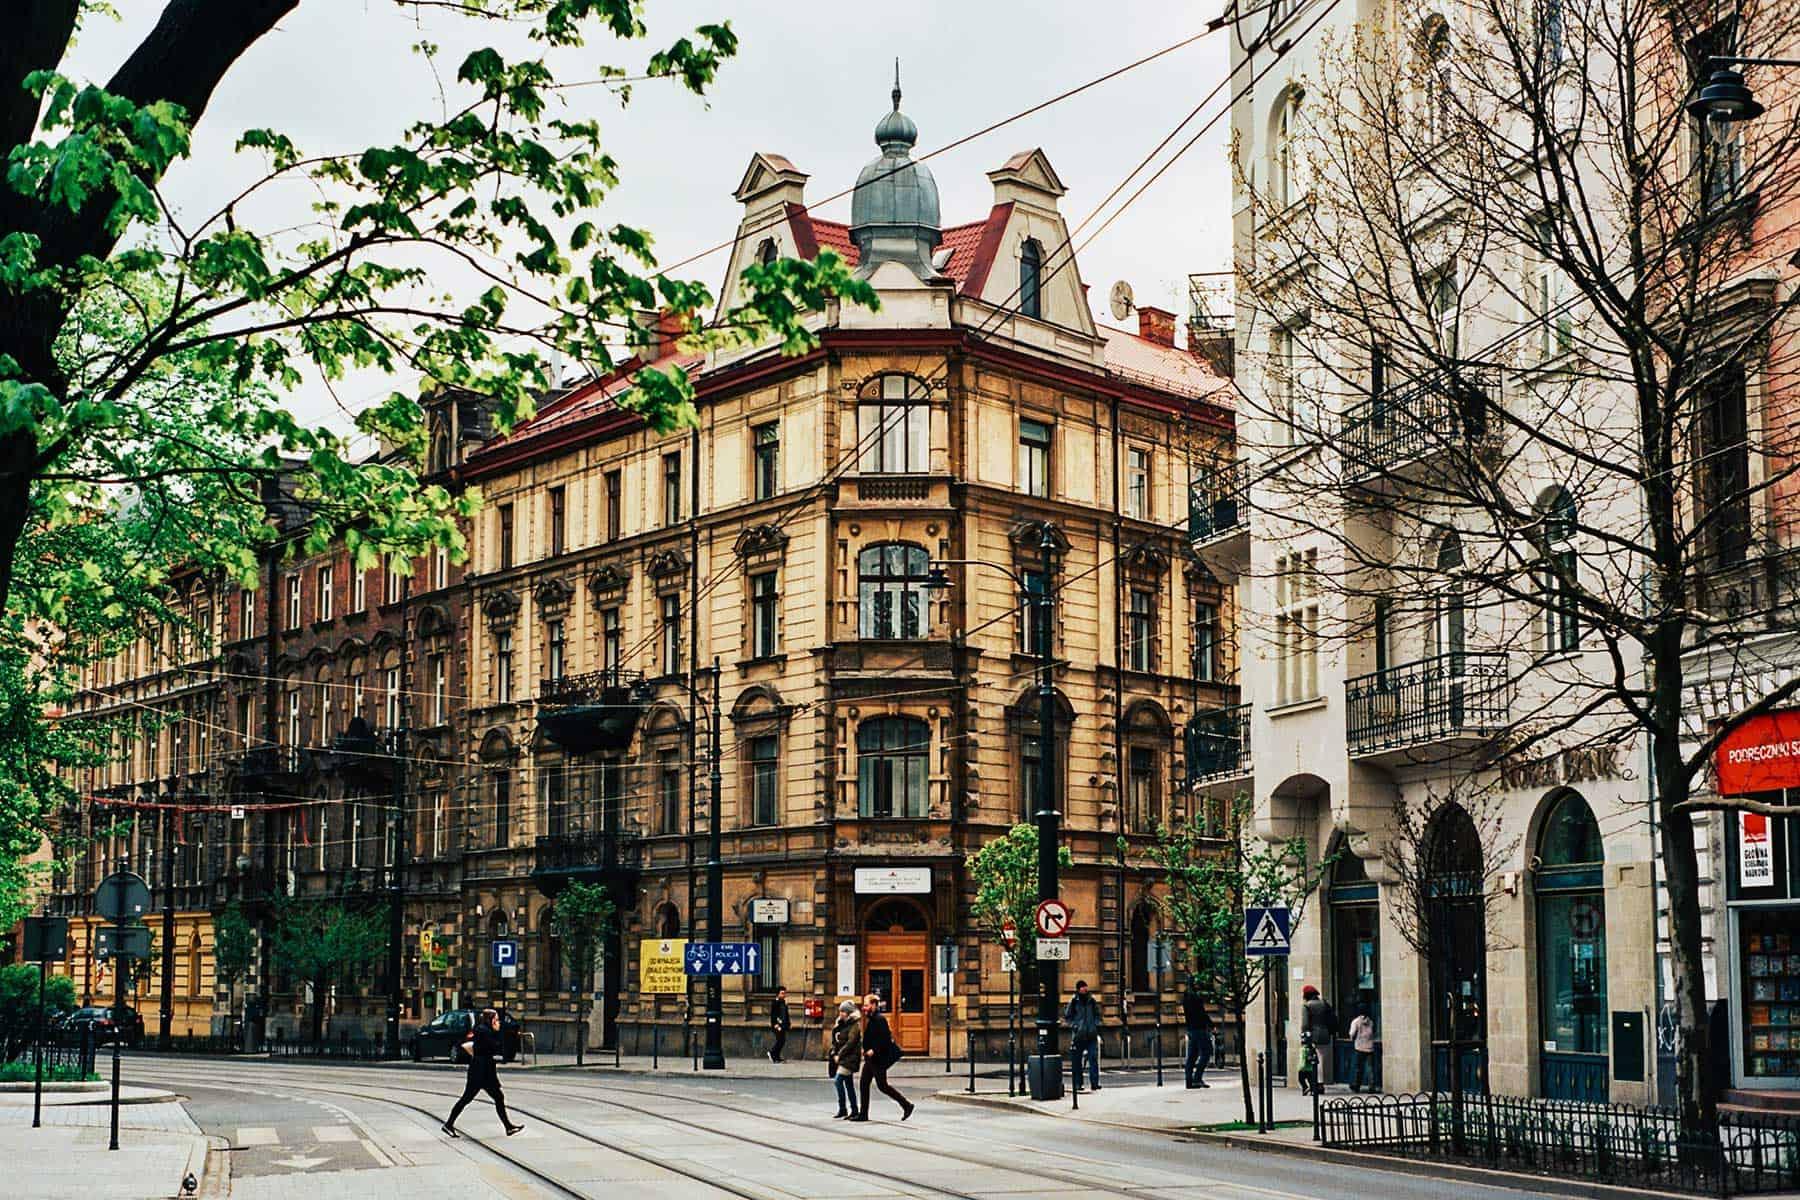 weekendresa_krakow_stadsbild_nygren_lind_resebyrå